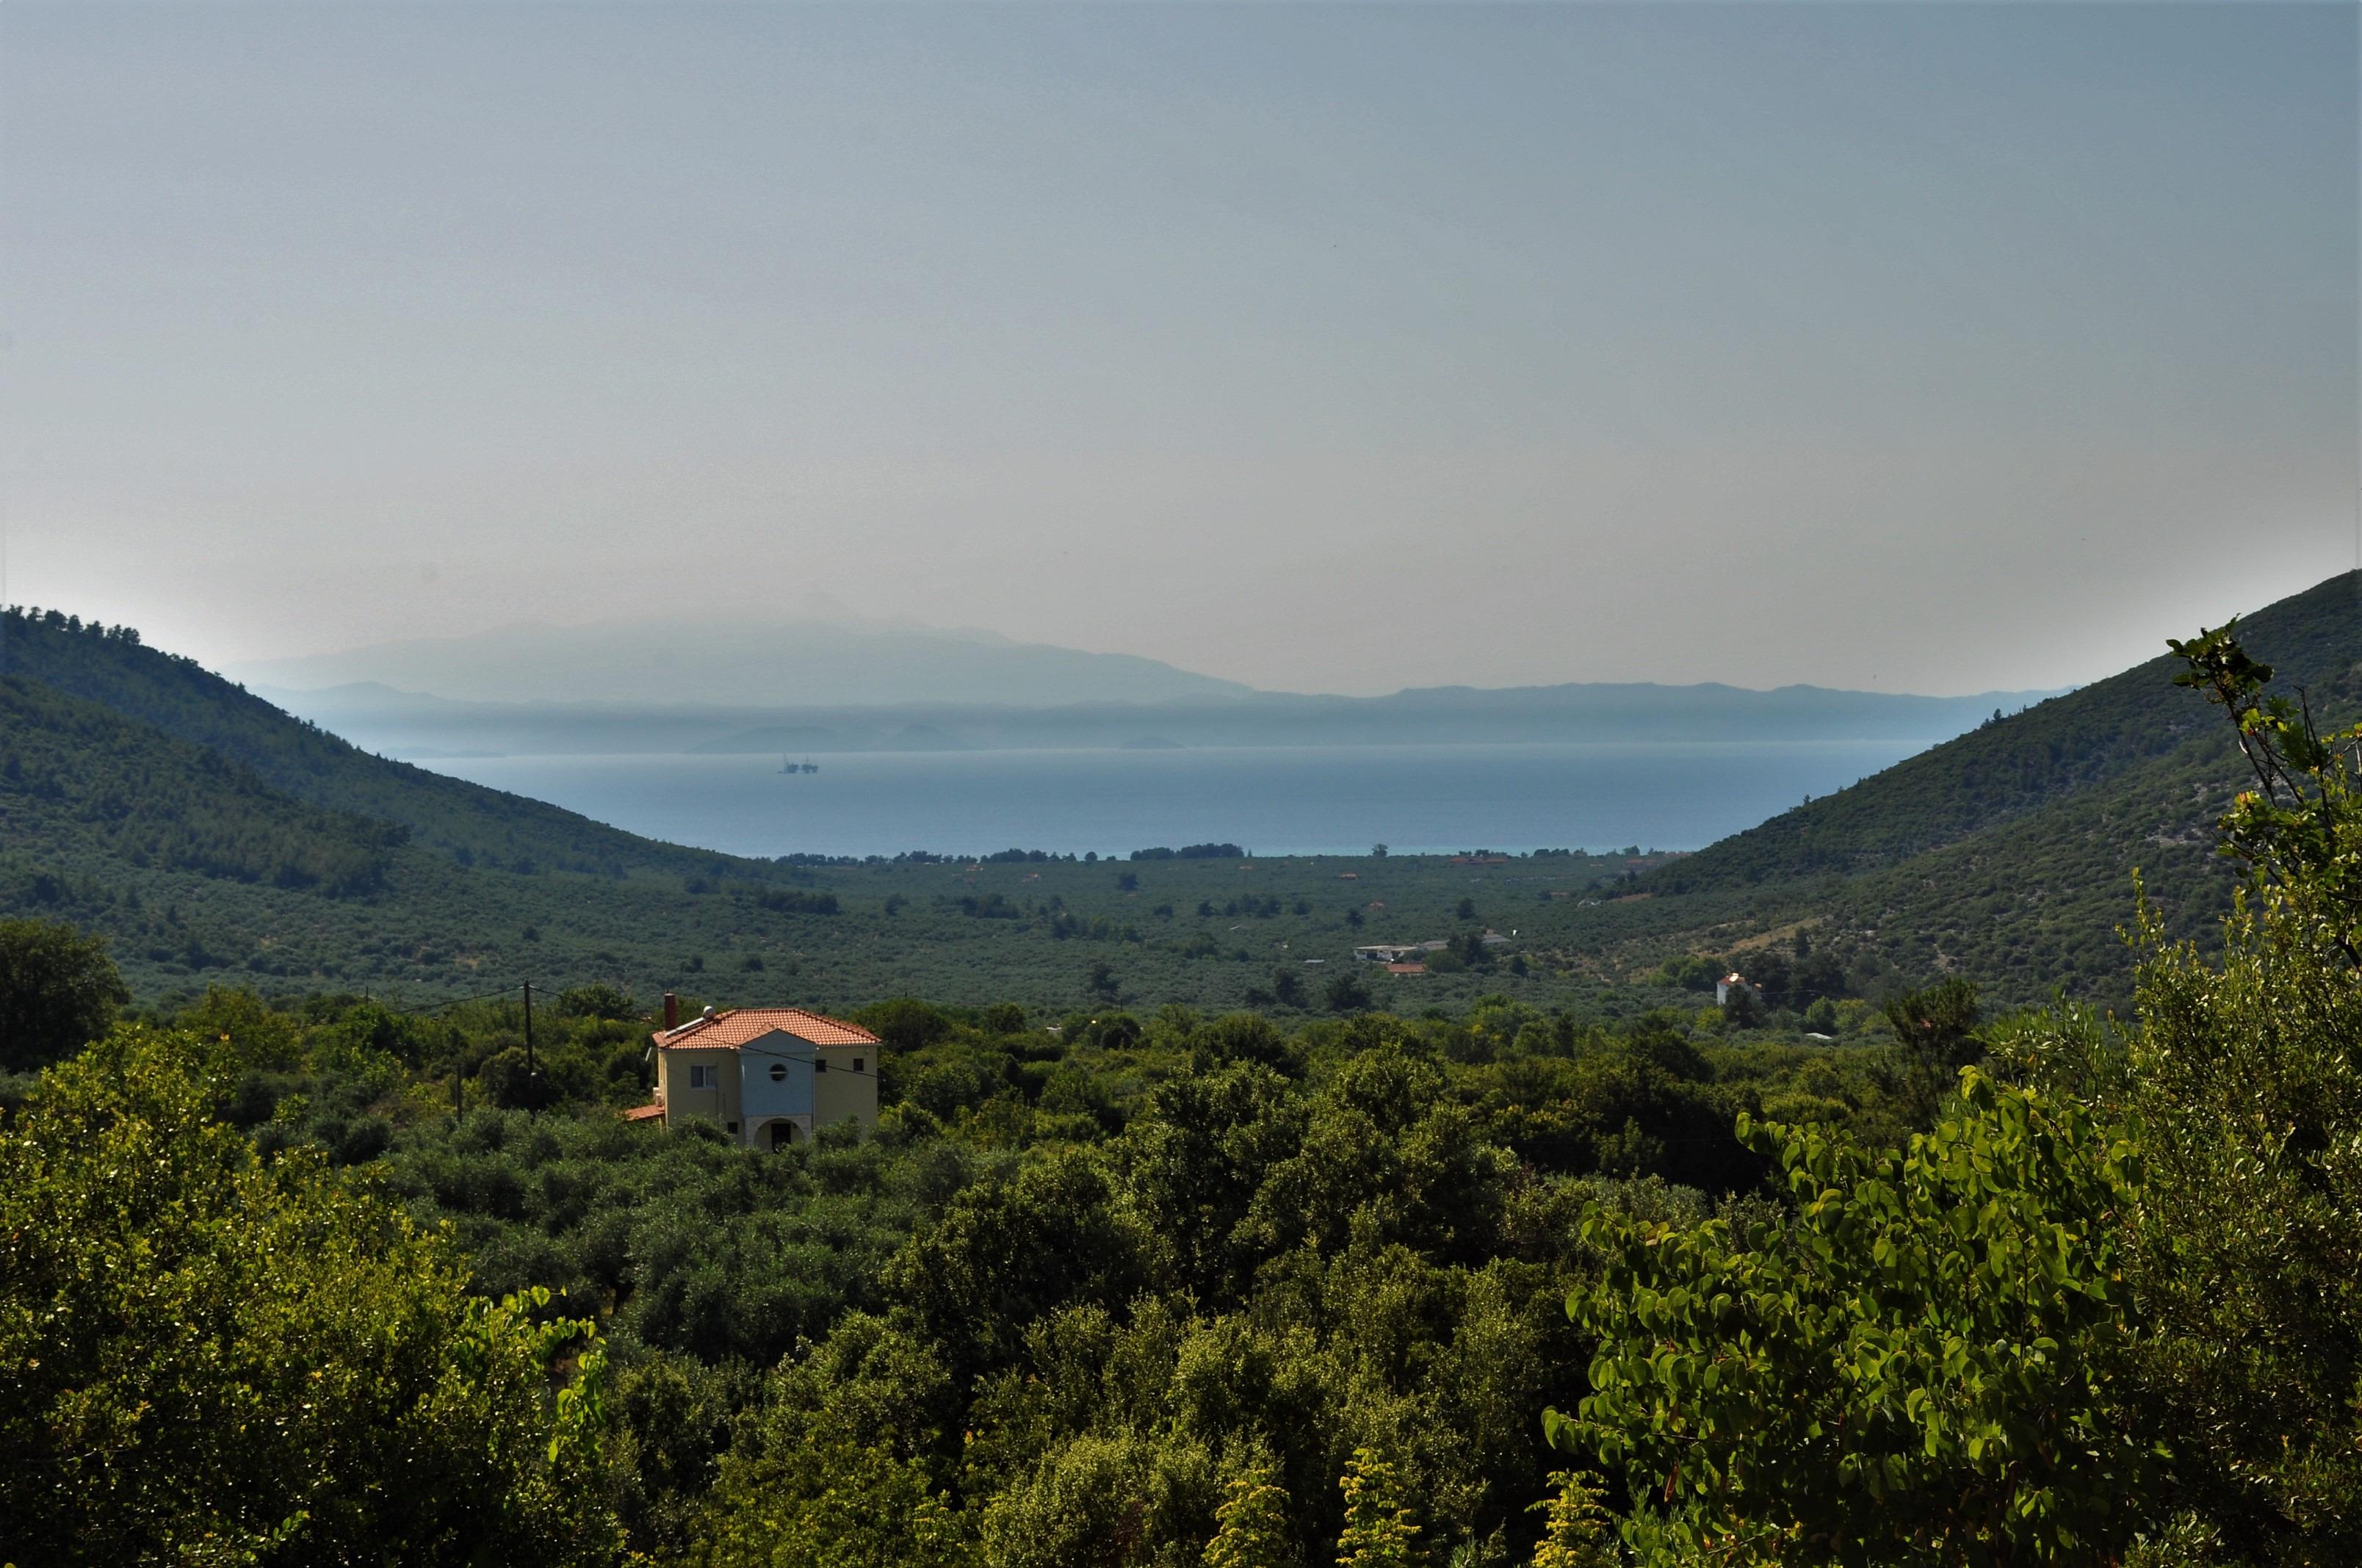 Повечето са разположени в западния дял на острова с лице към континенталната част на Гърция. Гледка от село Рахони към крайморския му близнак Скала Рахони